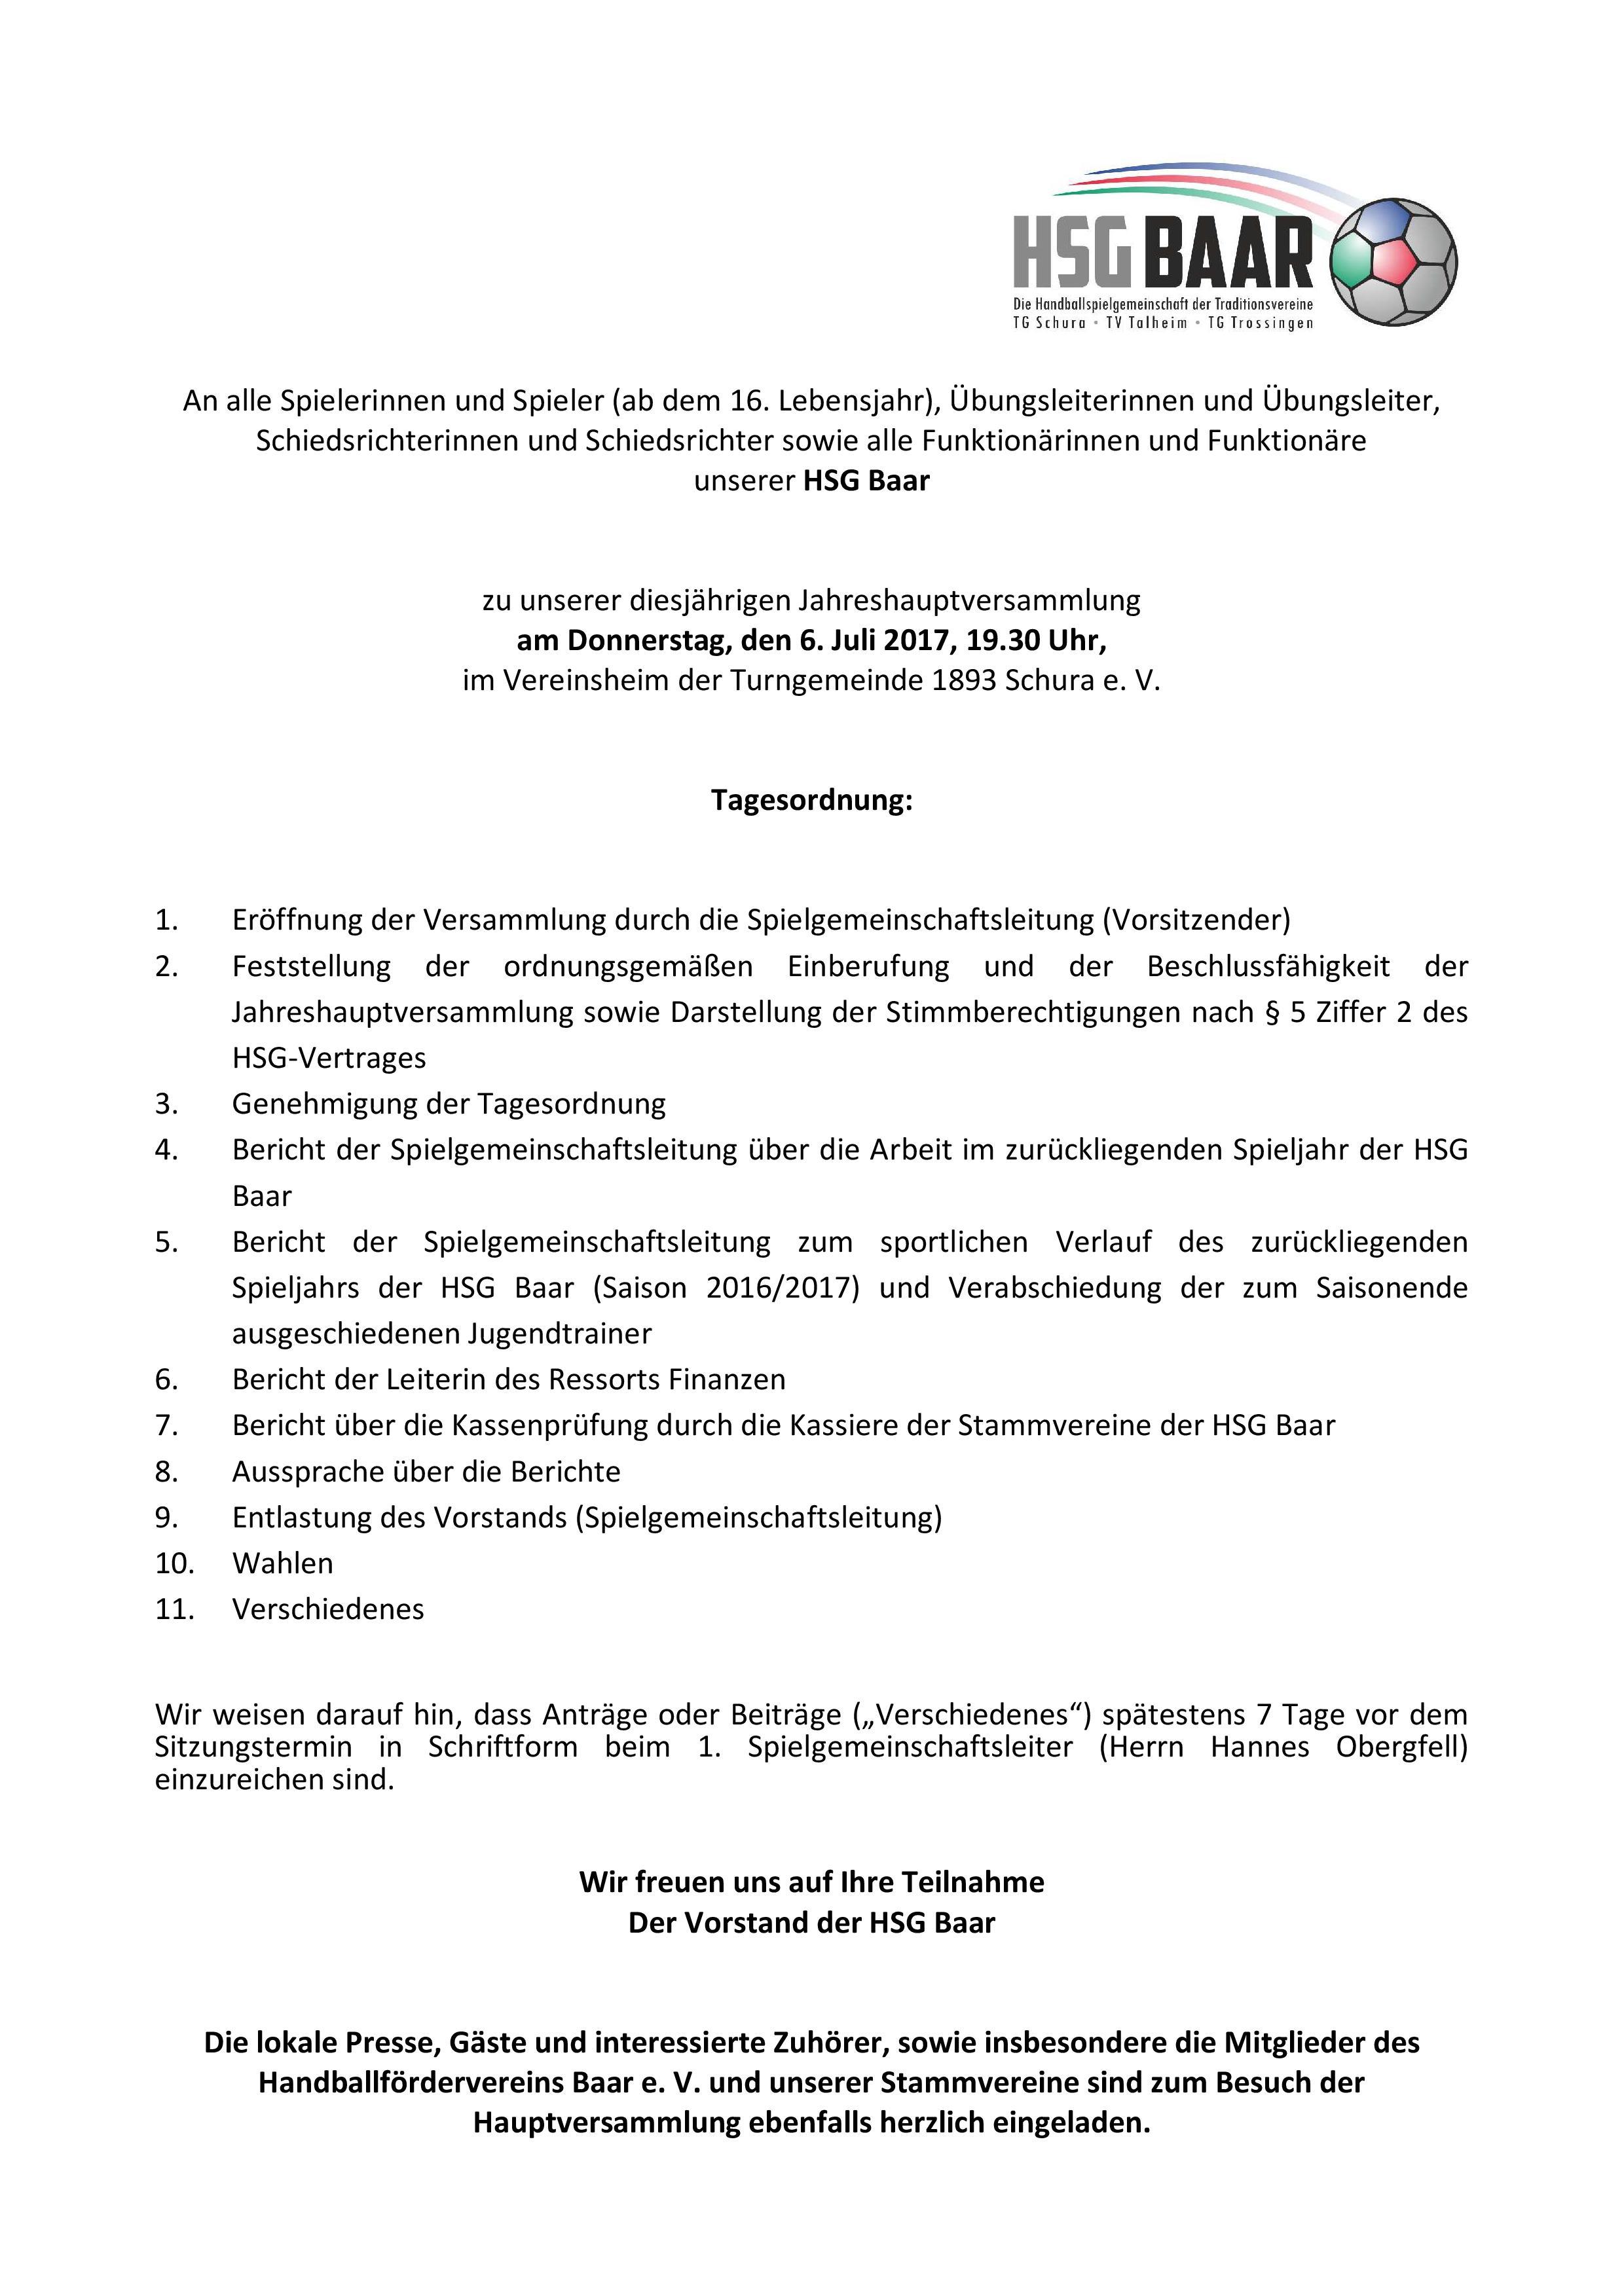 2017 - HSG Baar - Einladung Jahreshauptversammlung_Endfassung-page-001